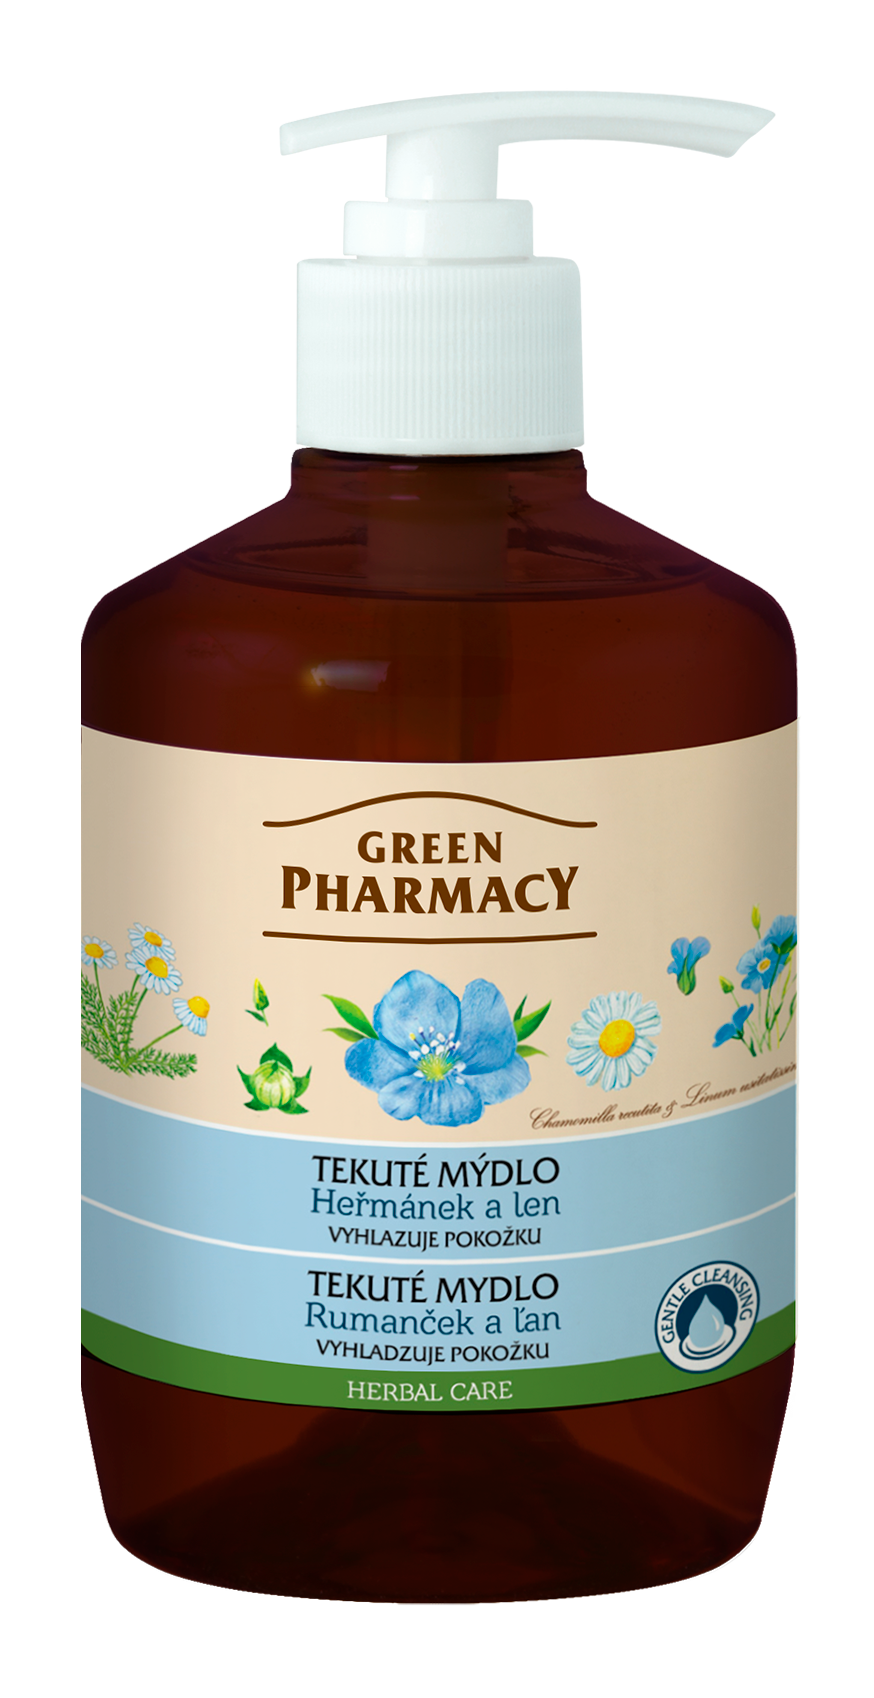 Green Pharmacy Rumanček a ľan - tekuté mydlo pre vyhladenie pokožky, 460 ml